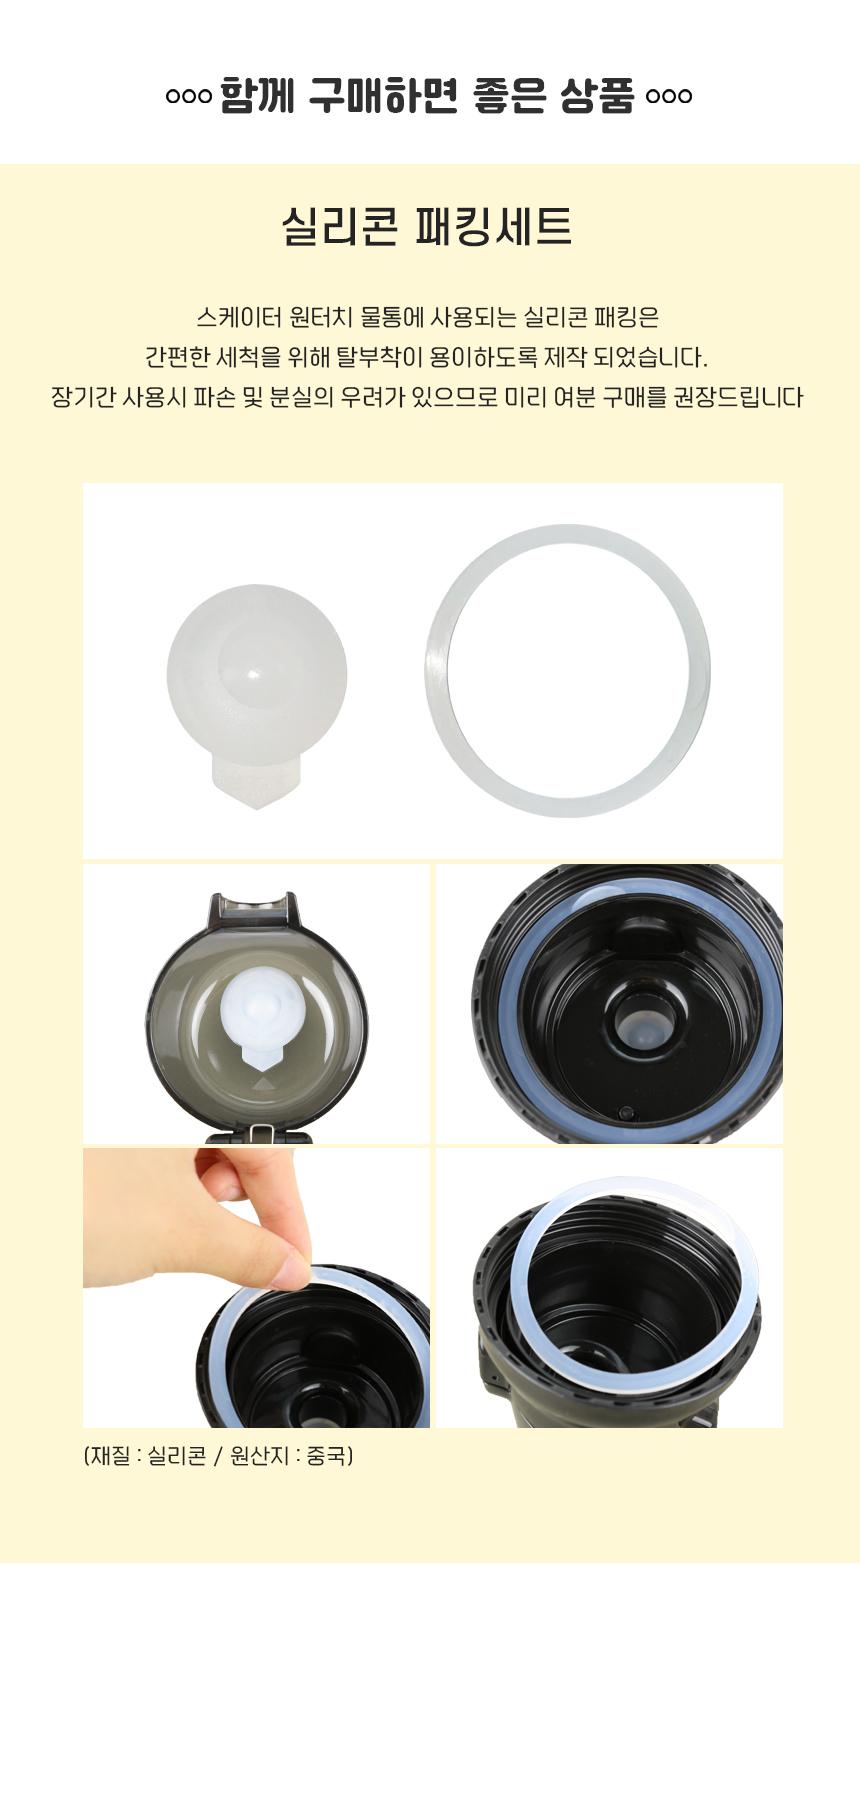 엉덩이탐정 원터치 물통 480ml - 베리샵, 19,800원, 보틀/텀블러, 보틀